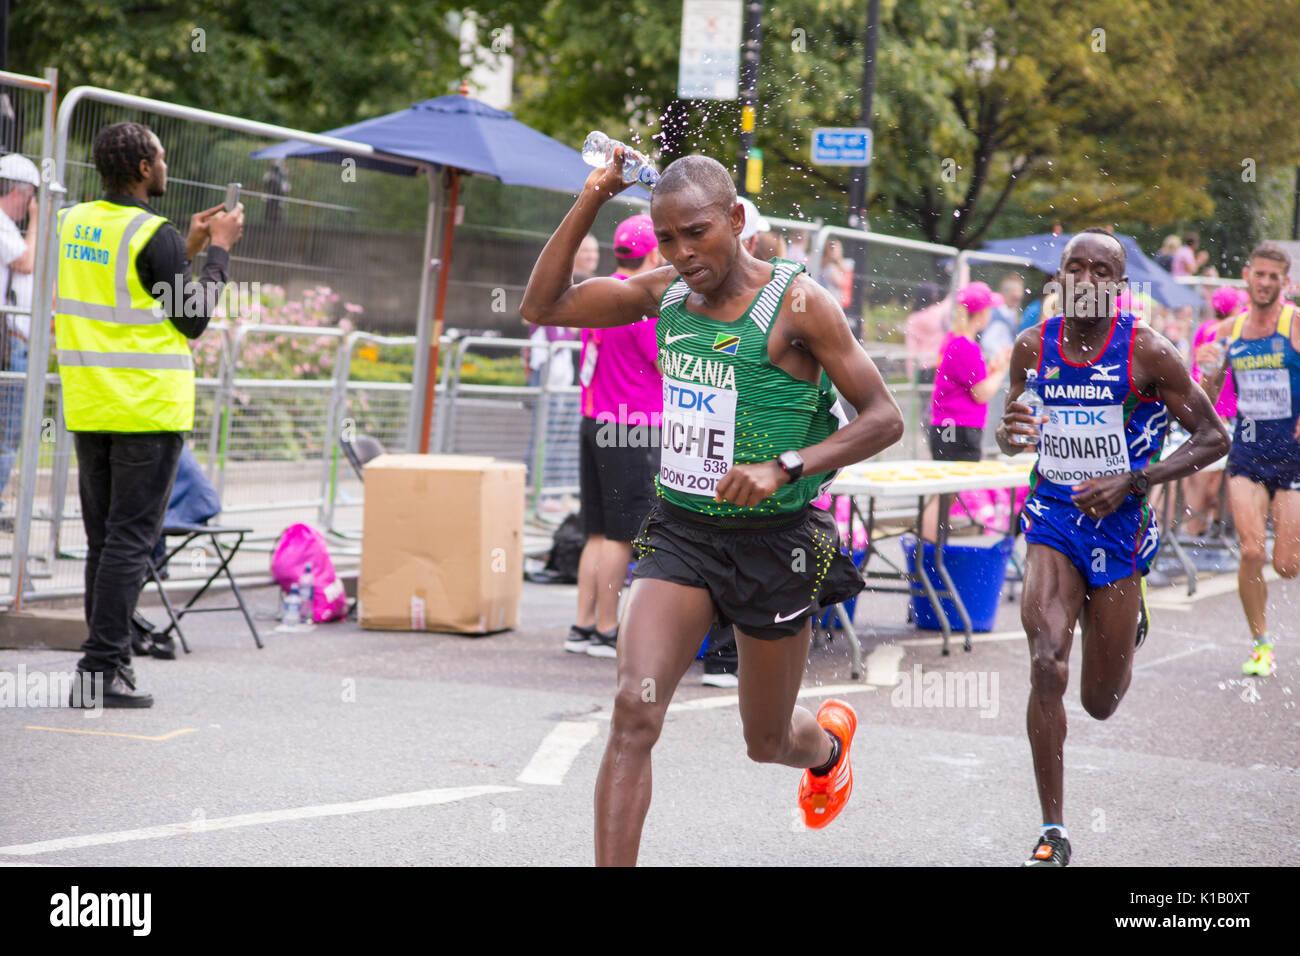 6 Jul '17 London: TANSANISCHEN HUCHE und Namibische REONARD Abkühlen im Wasser Station während der IAAF Leichtathletik-Weltmeisterschaft 2017 Männer Marathon Stockbild